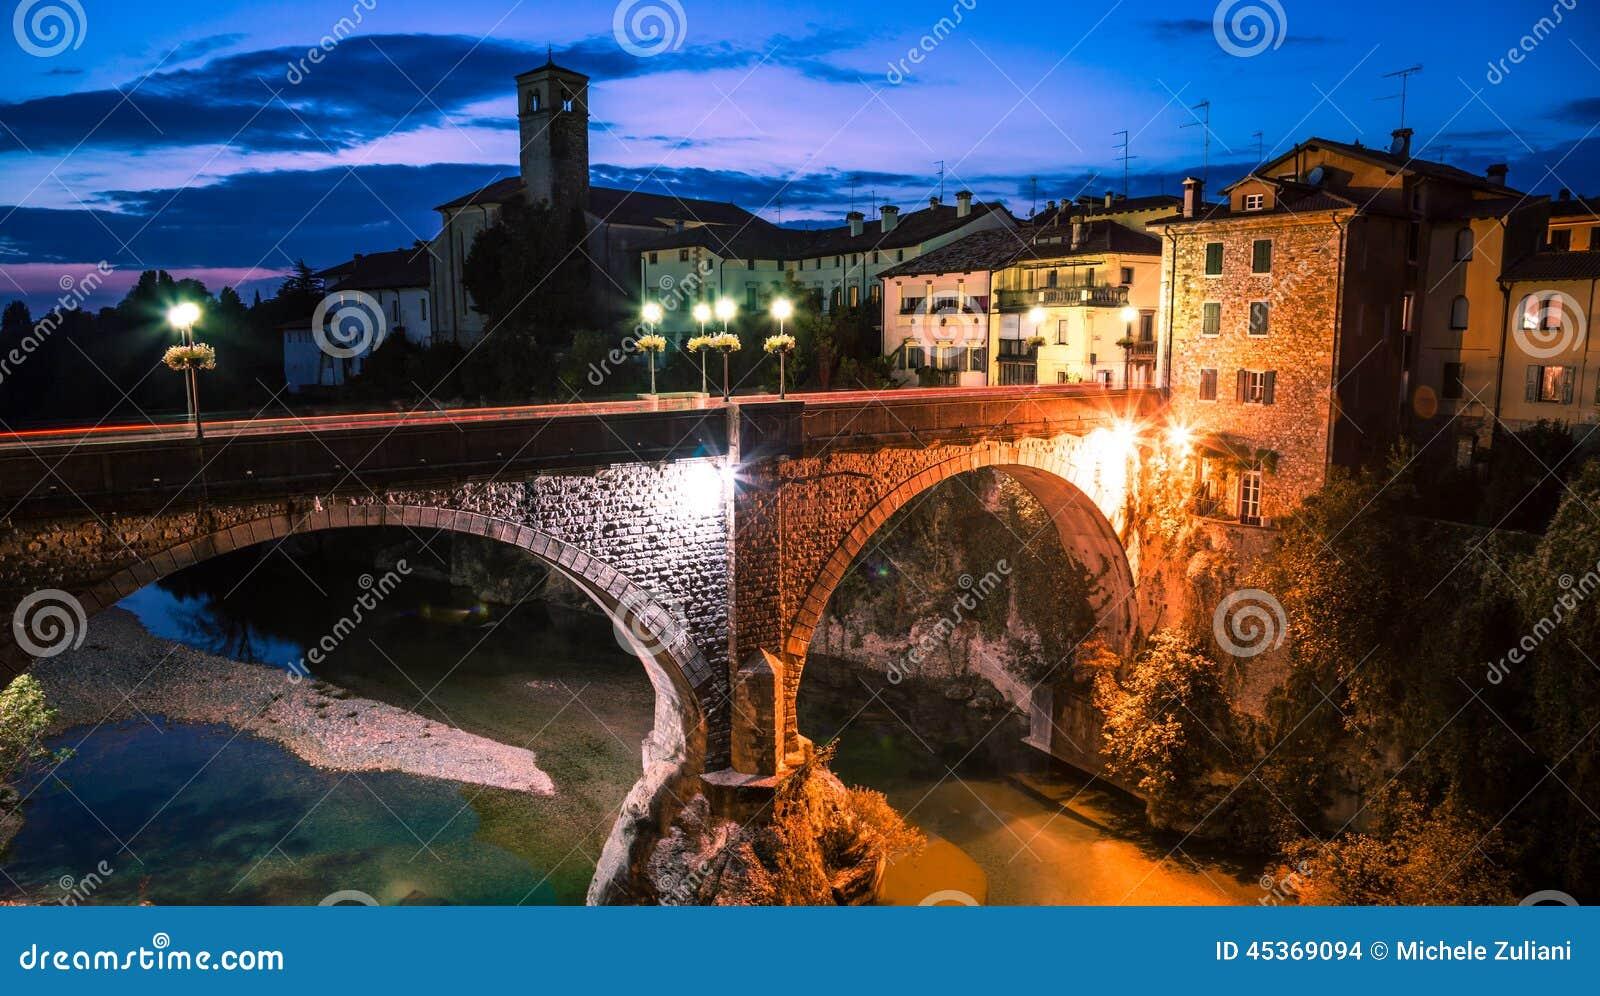 Le pont du diable de Cividale del Friuli